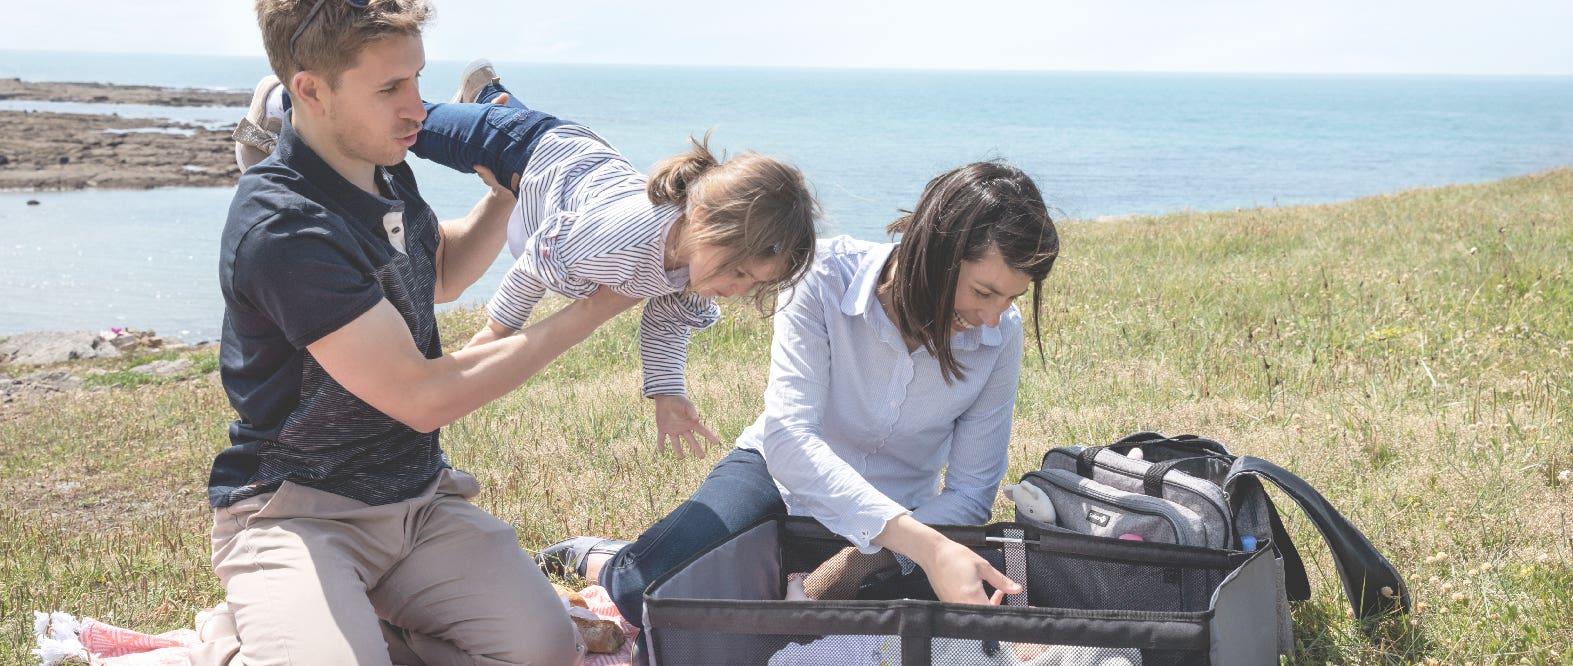 ¿Viaje con niños? ¡Que nada se quede en casa!